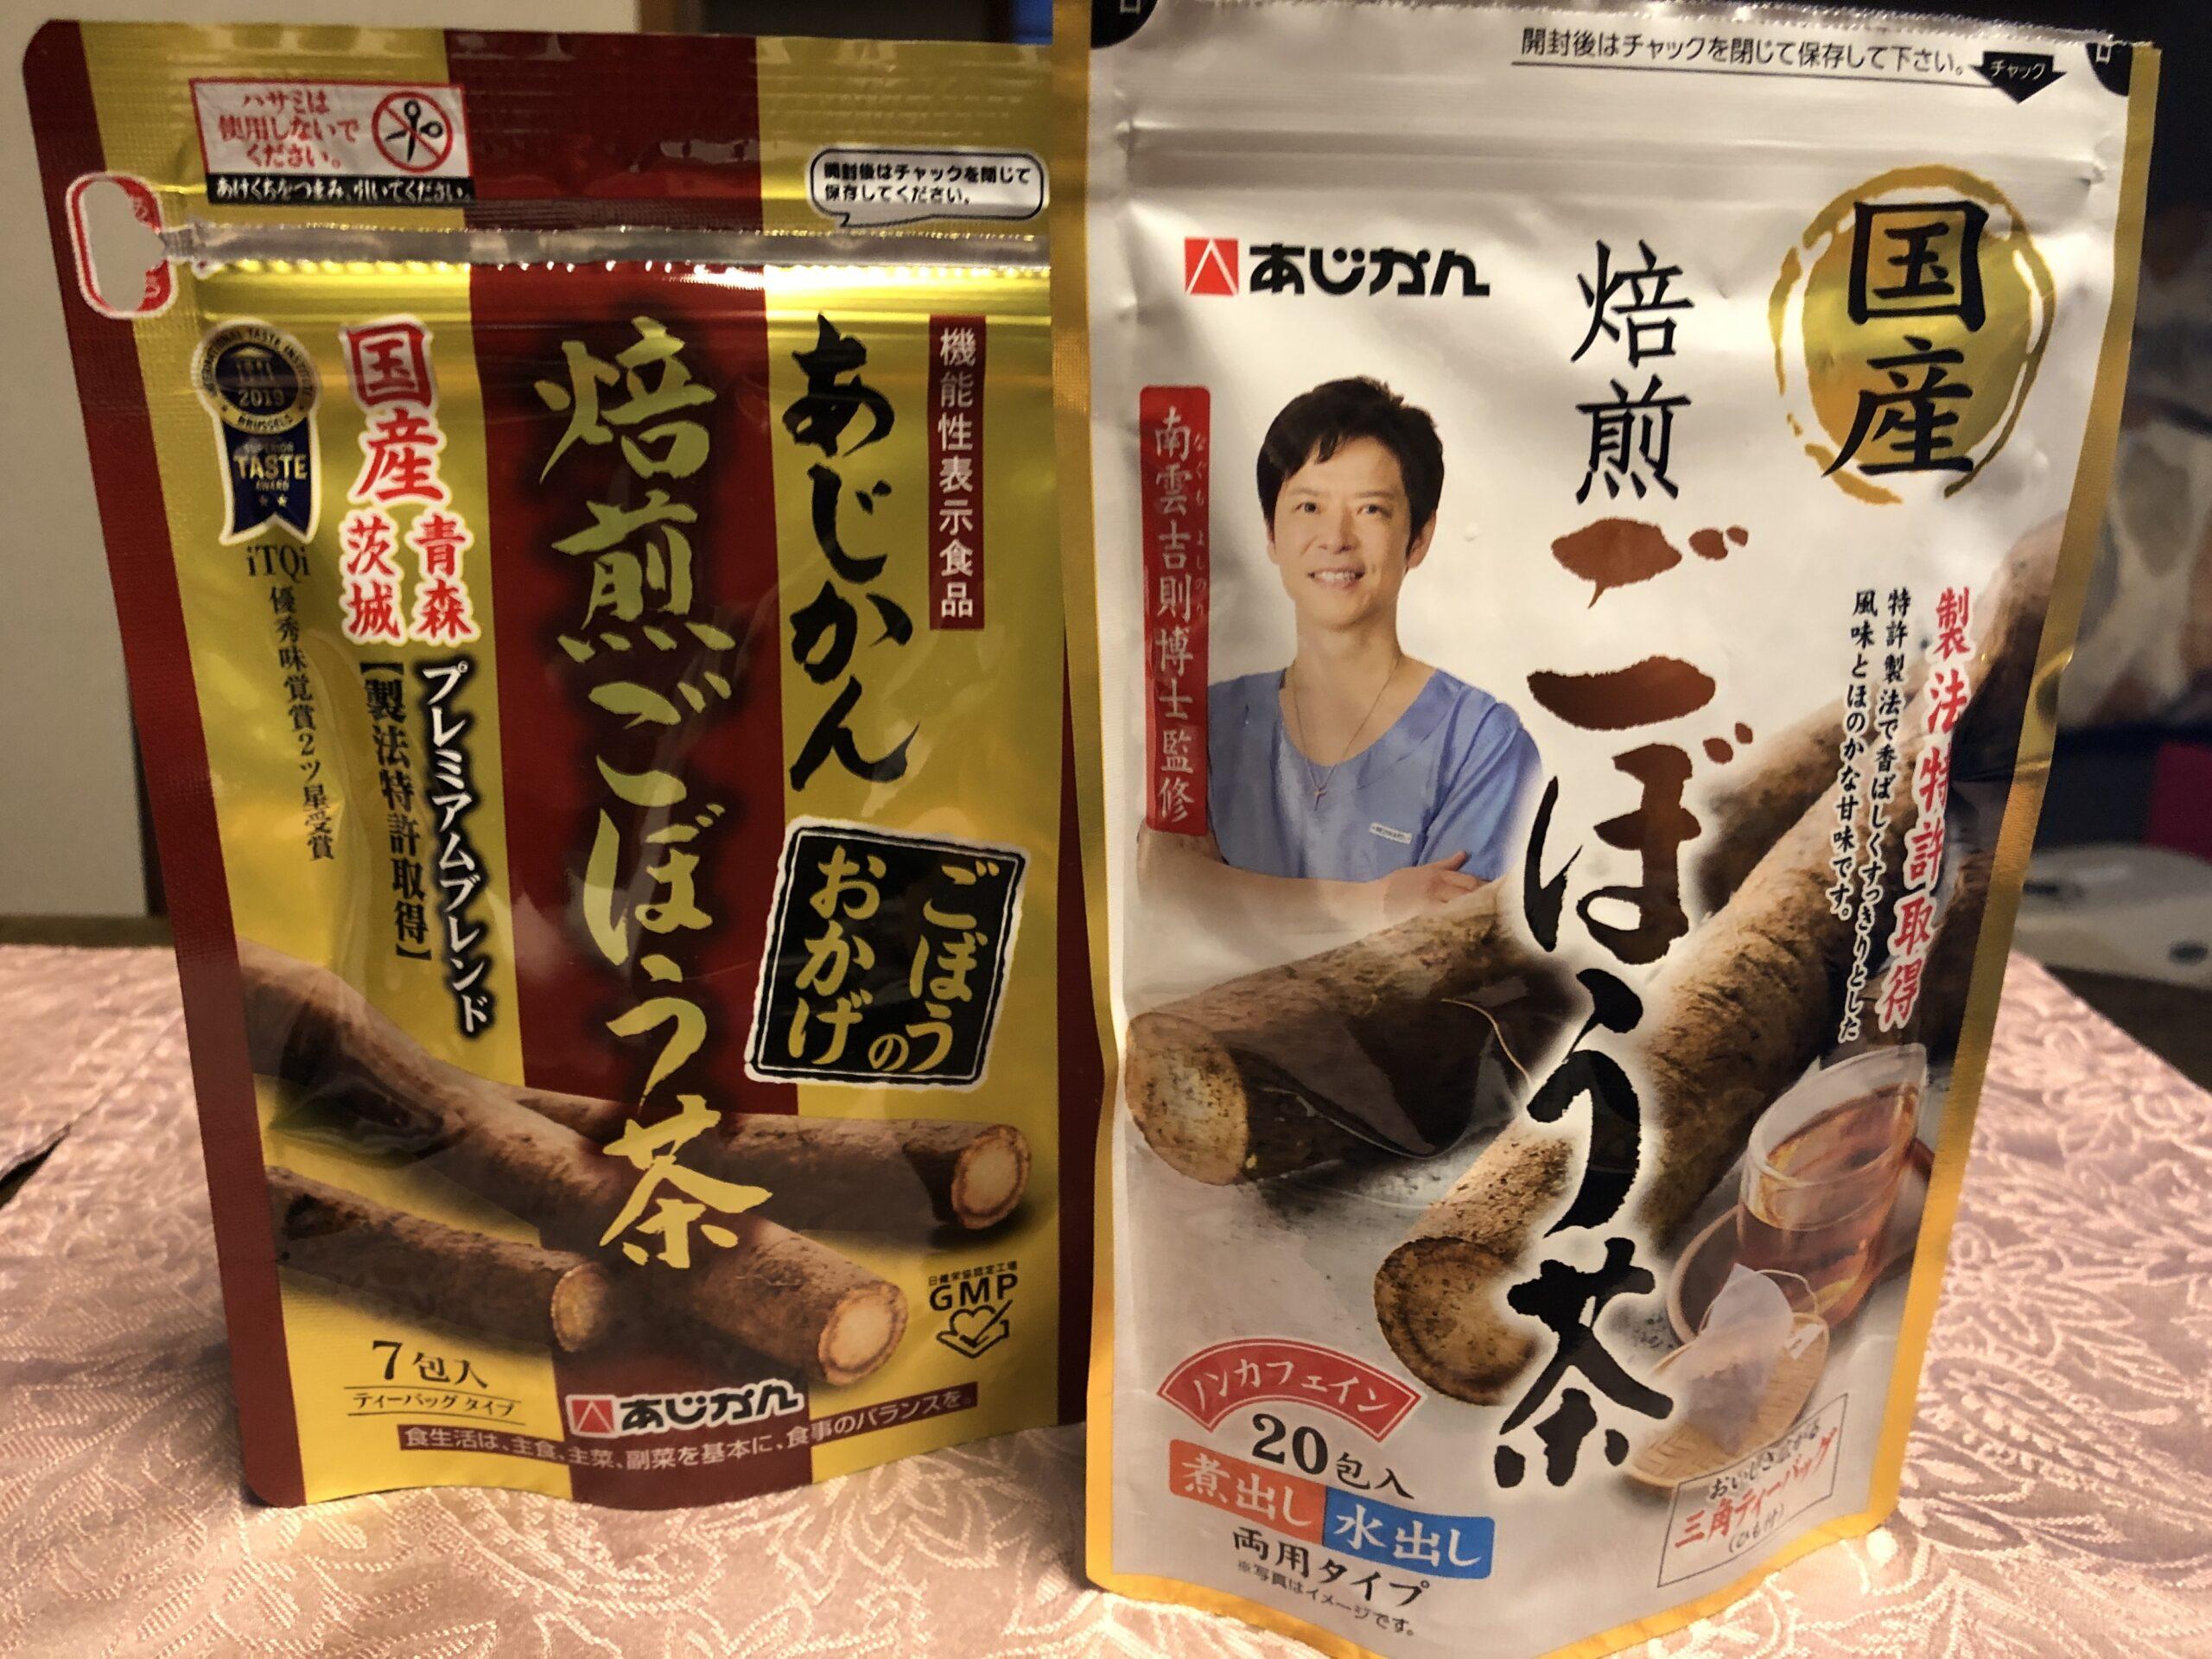 あじかんのごぼう茶2種類